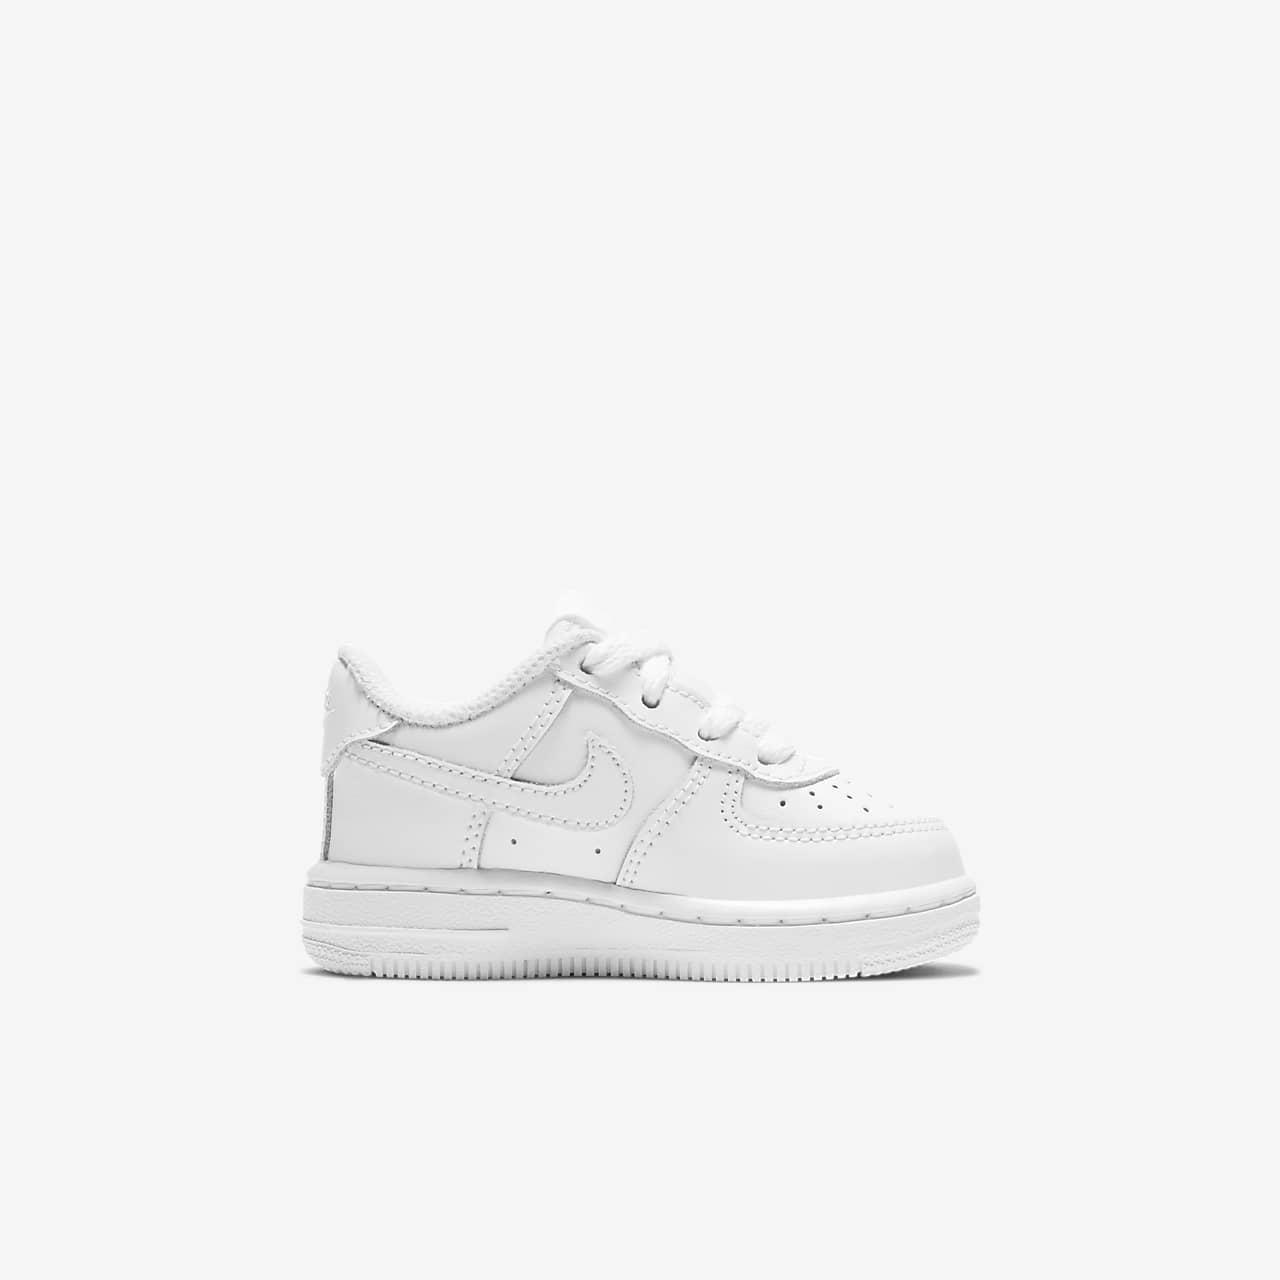 Nike Air Force 1 06 InfantToddler Shoe.